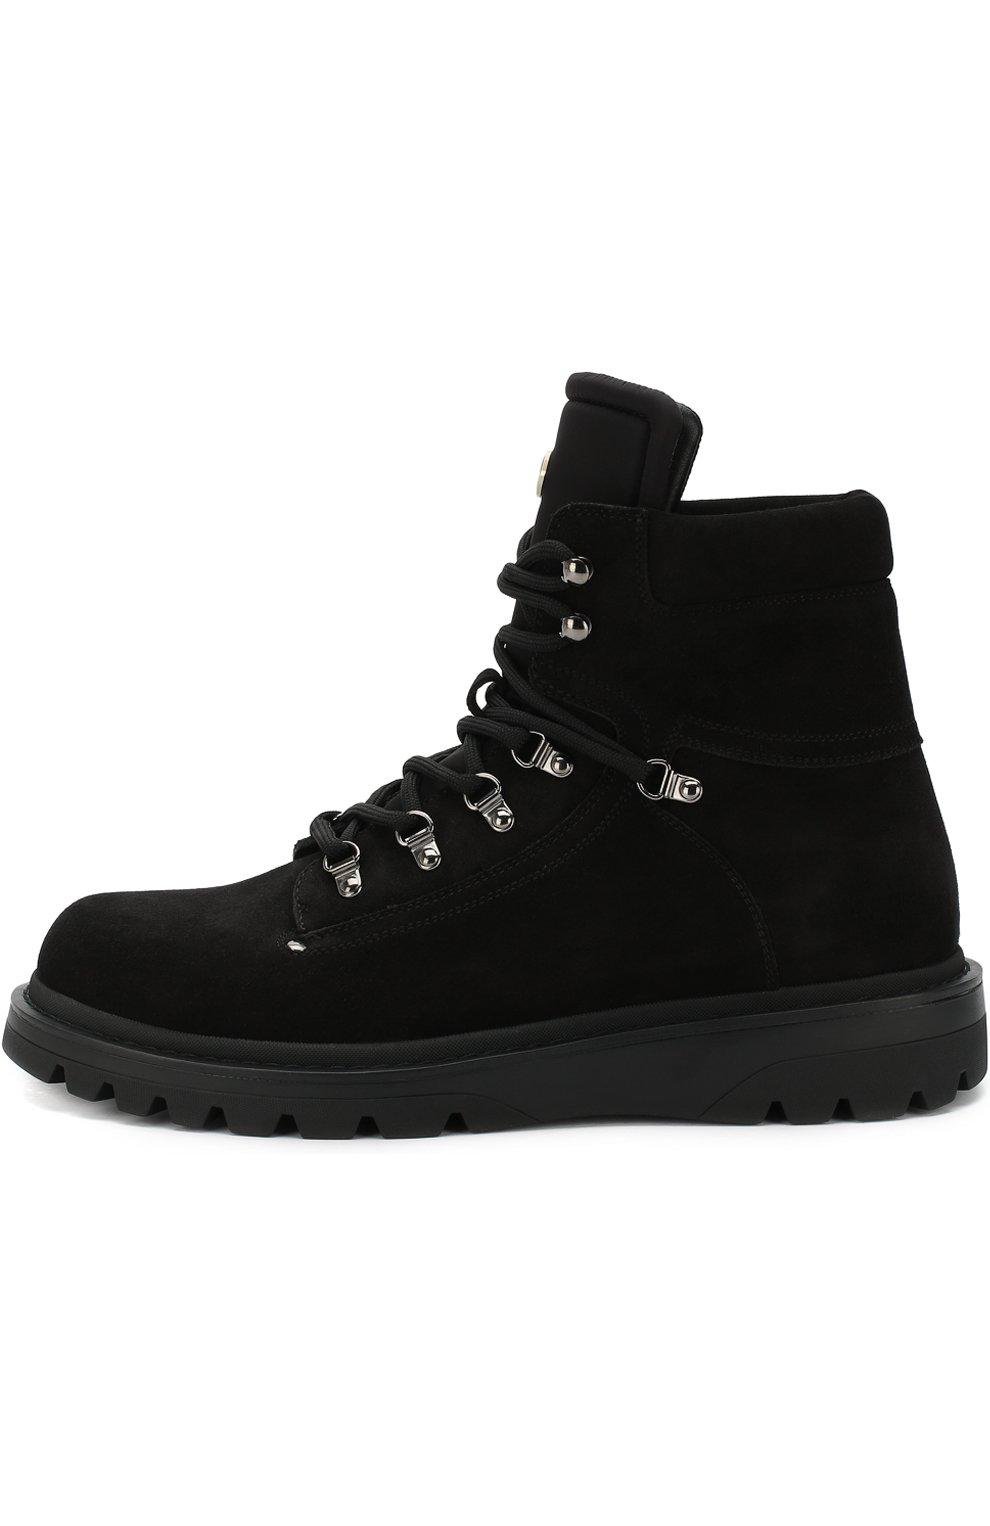 Мужские высокие кожаные ботинки на шнуровке MONCLER черного цвета, арт. D2-09A-10100-00-019CL | Фото 3 (Мужское Кросс-КТ: Хайкеры-обувь, Ботинки-обувь; Статус проверки: Проверено, Проверена категория; Подошва: Массивная)